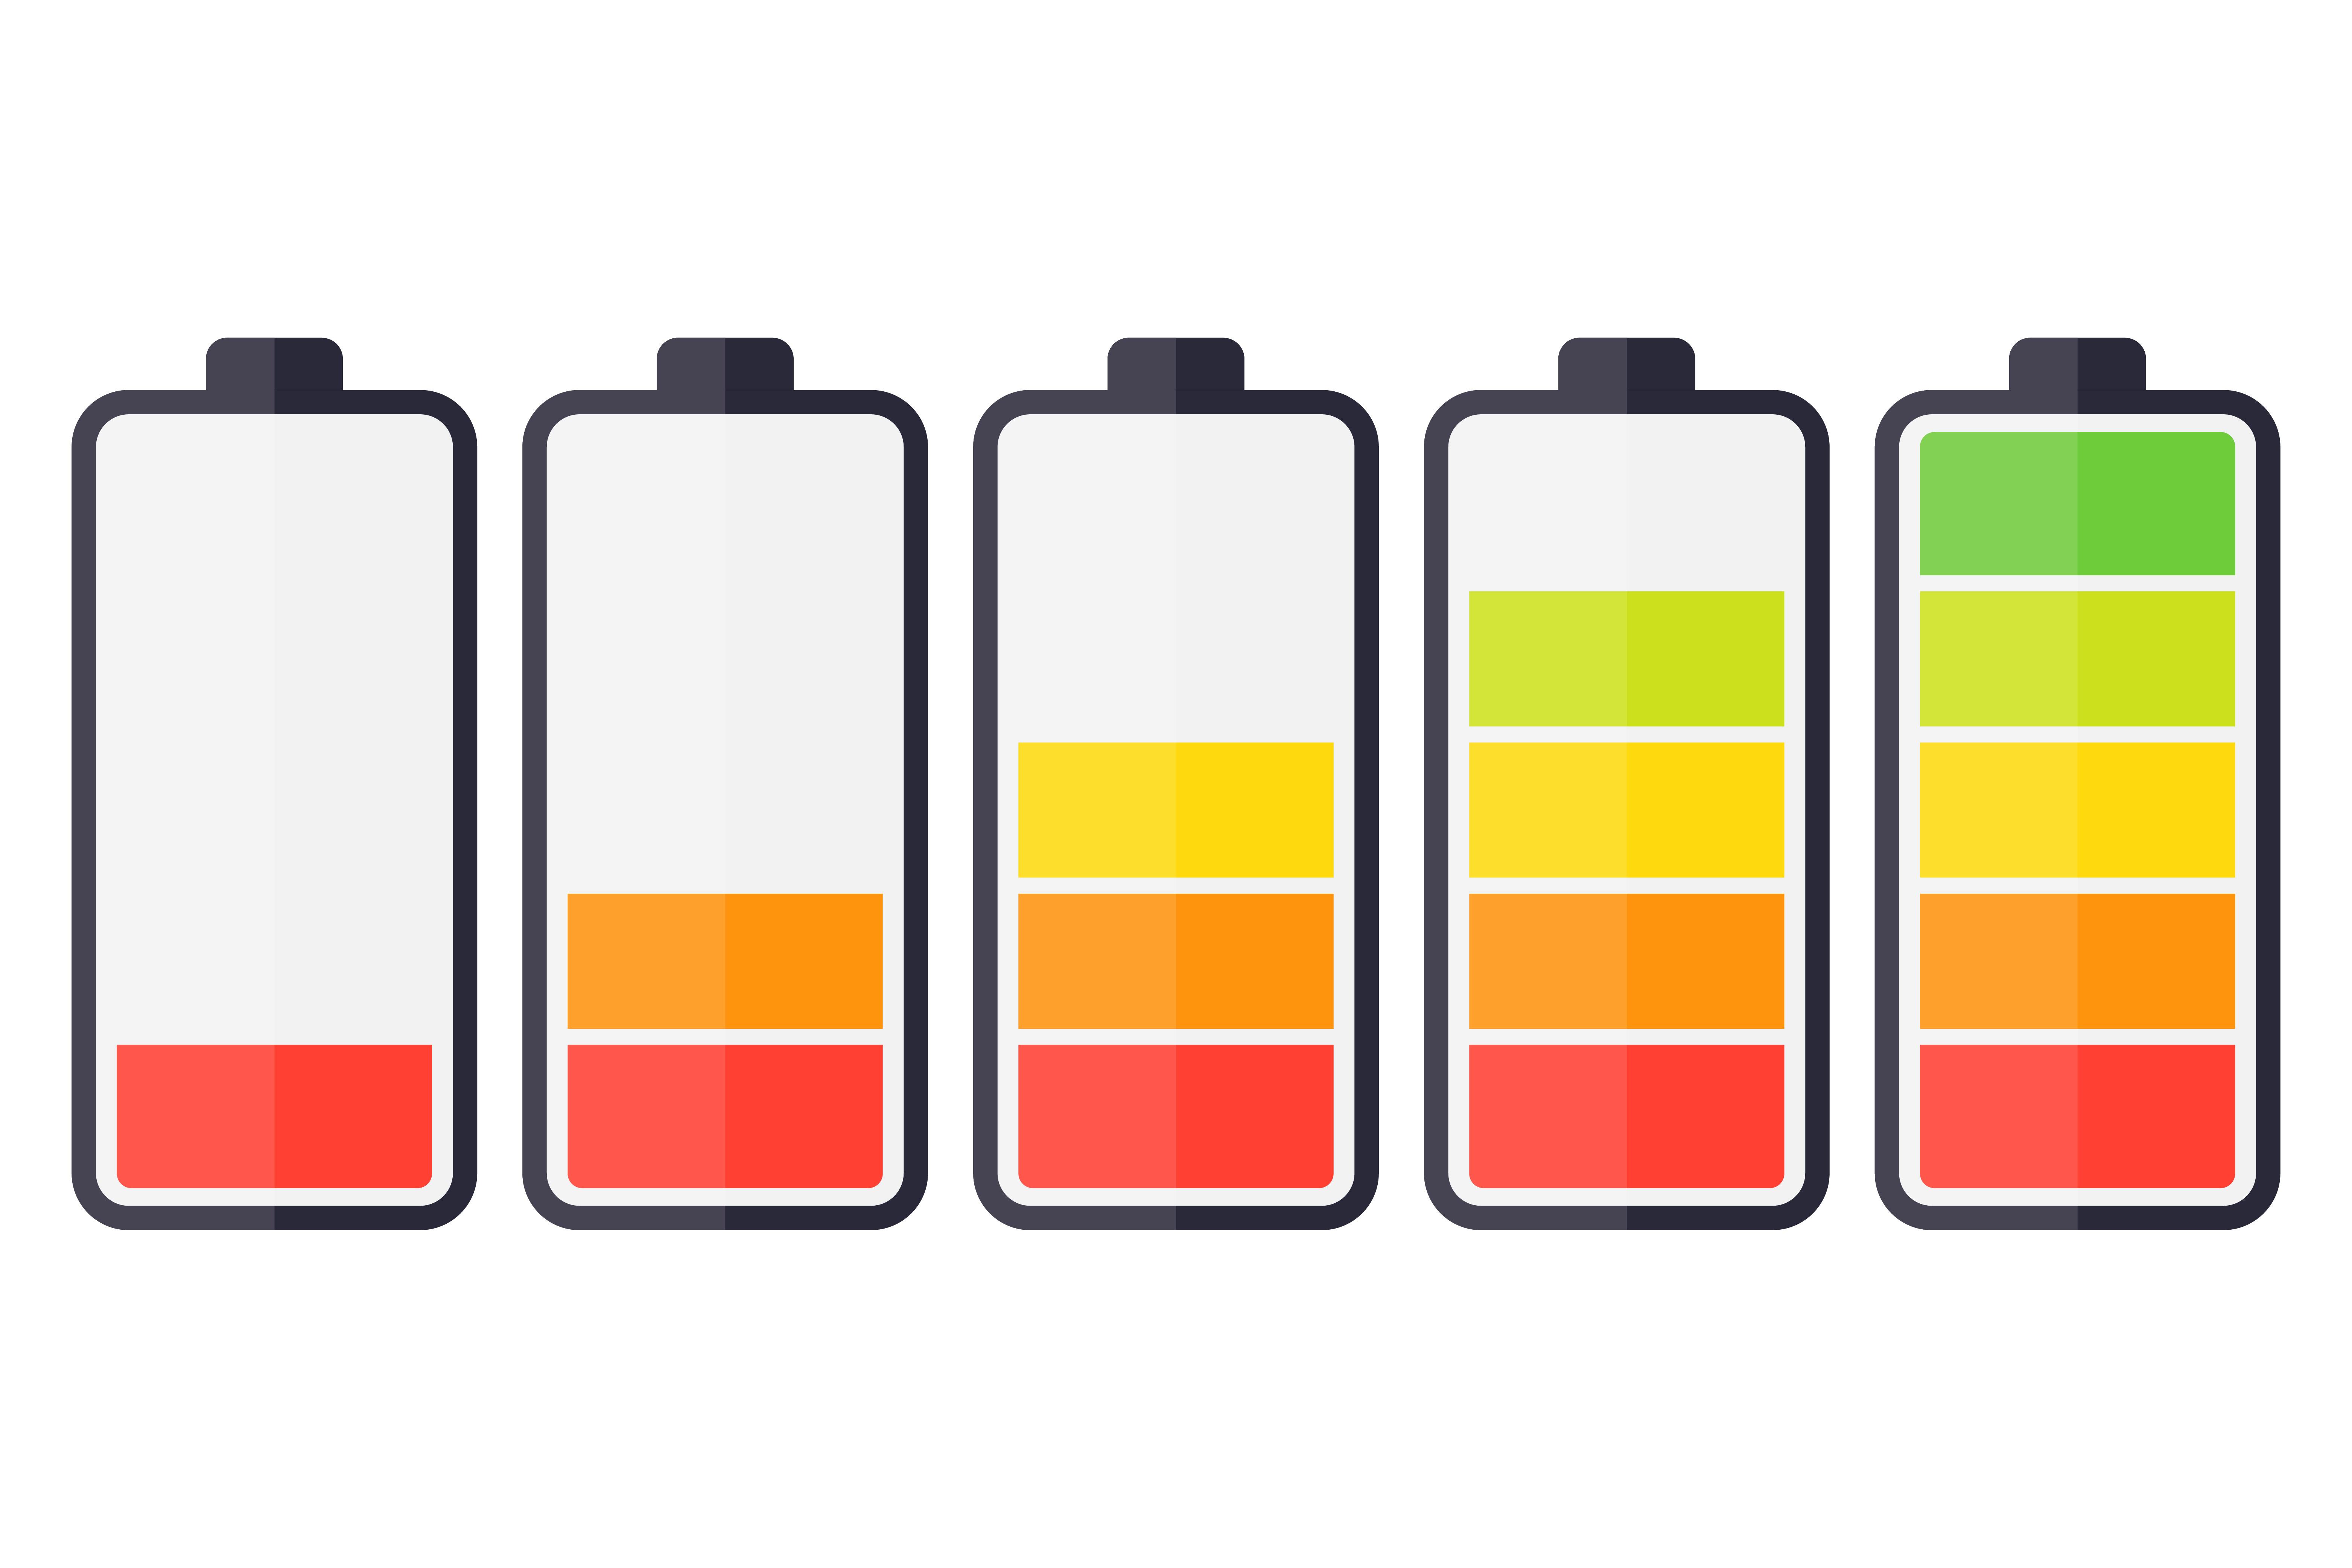 スマホの充電の減りが早いと感じた時に確認すべき原因と対策